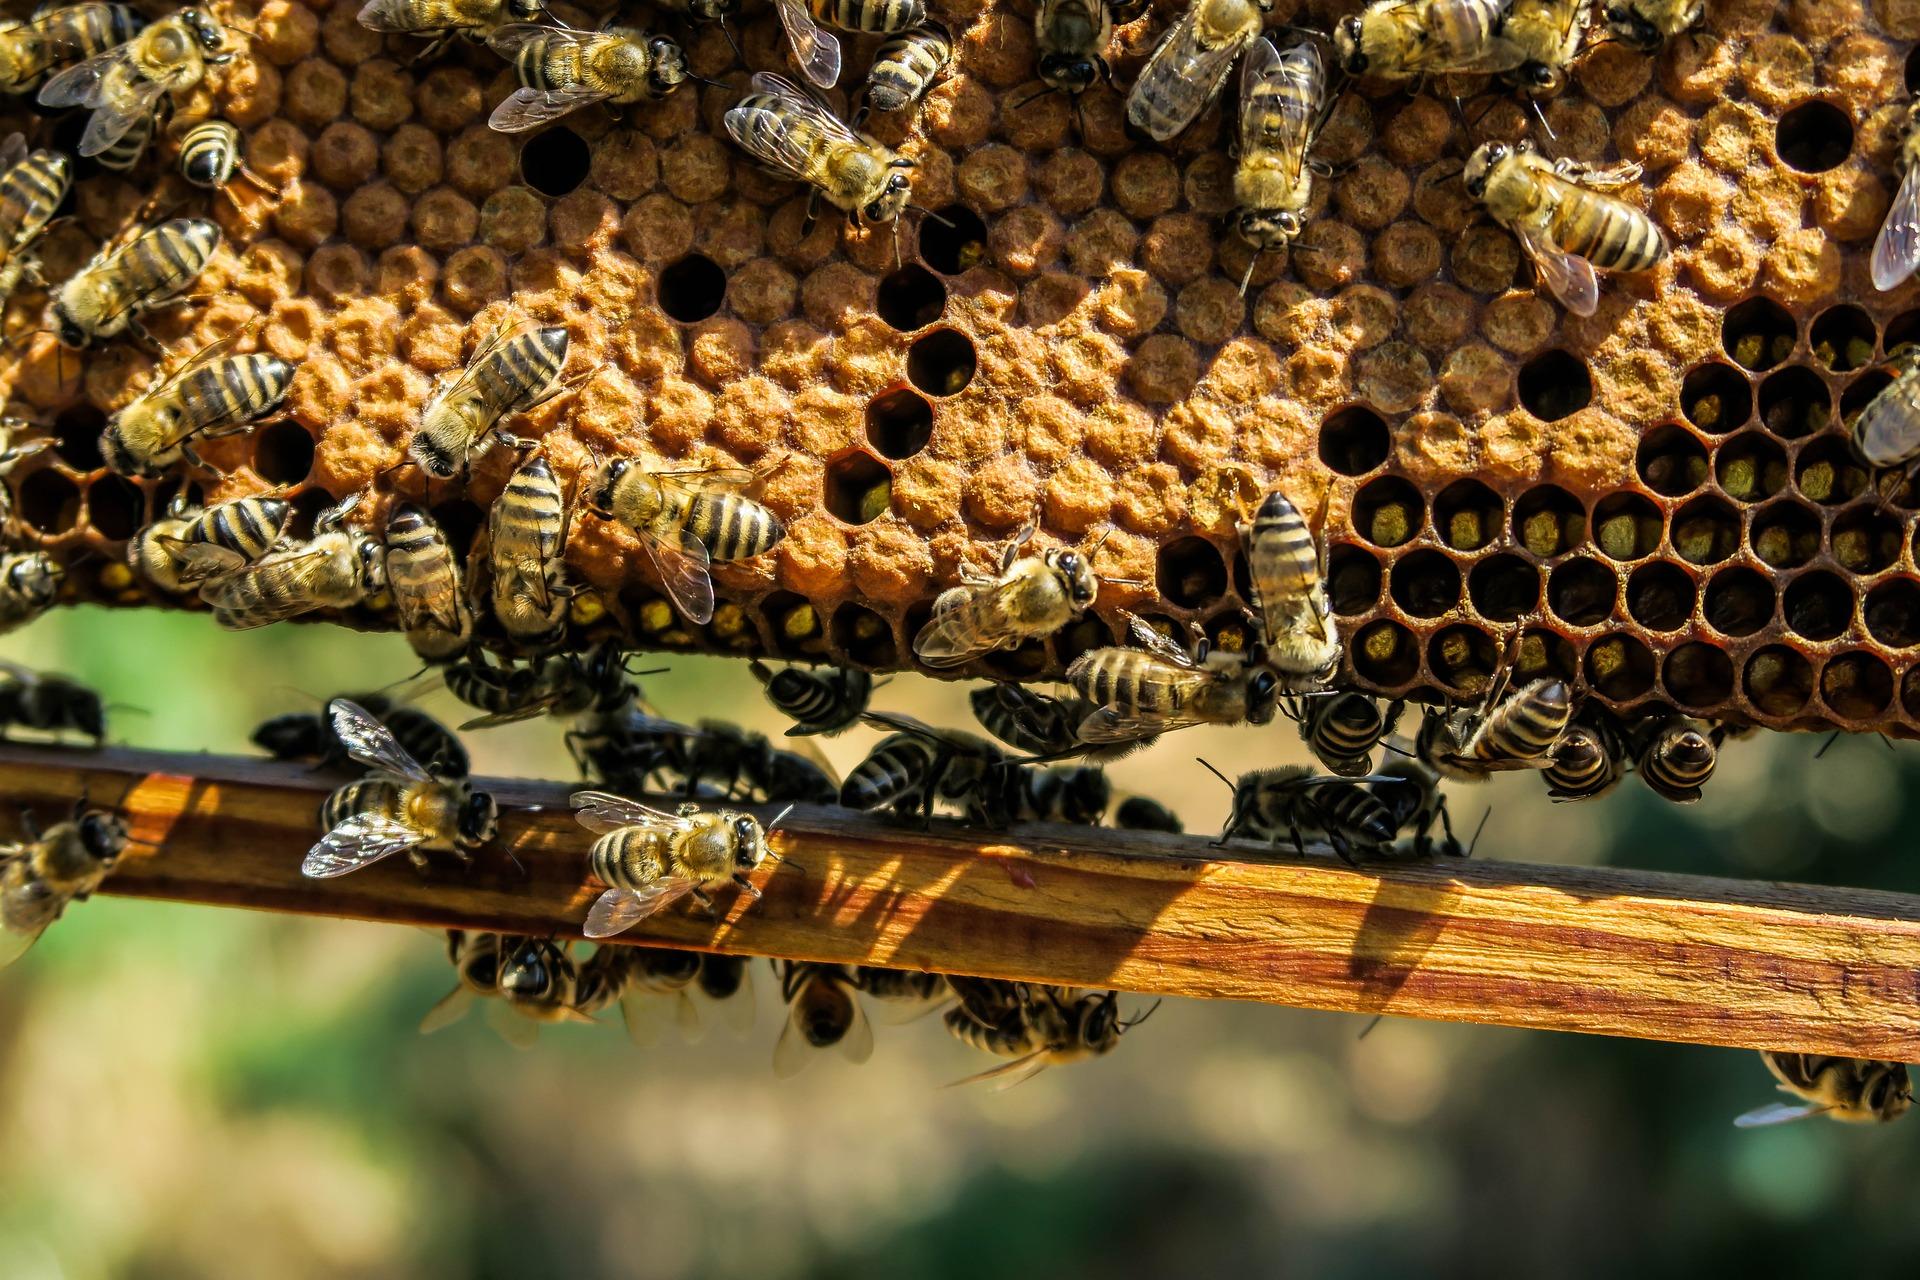 apiary-1867537_1920.jpg